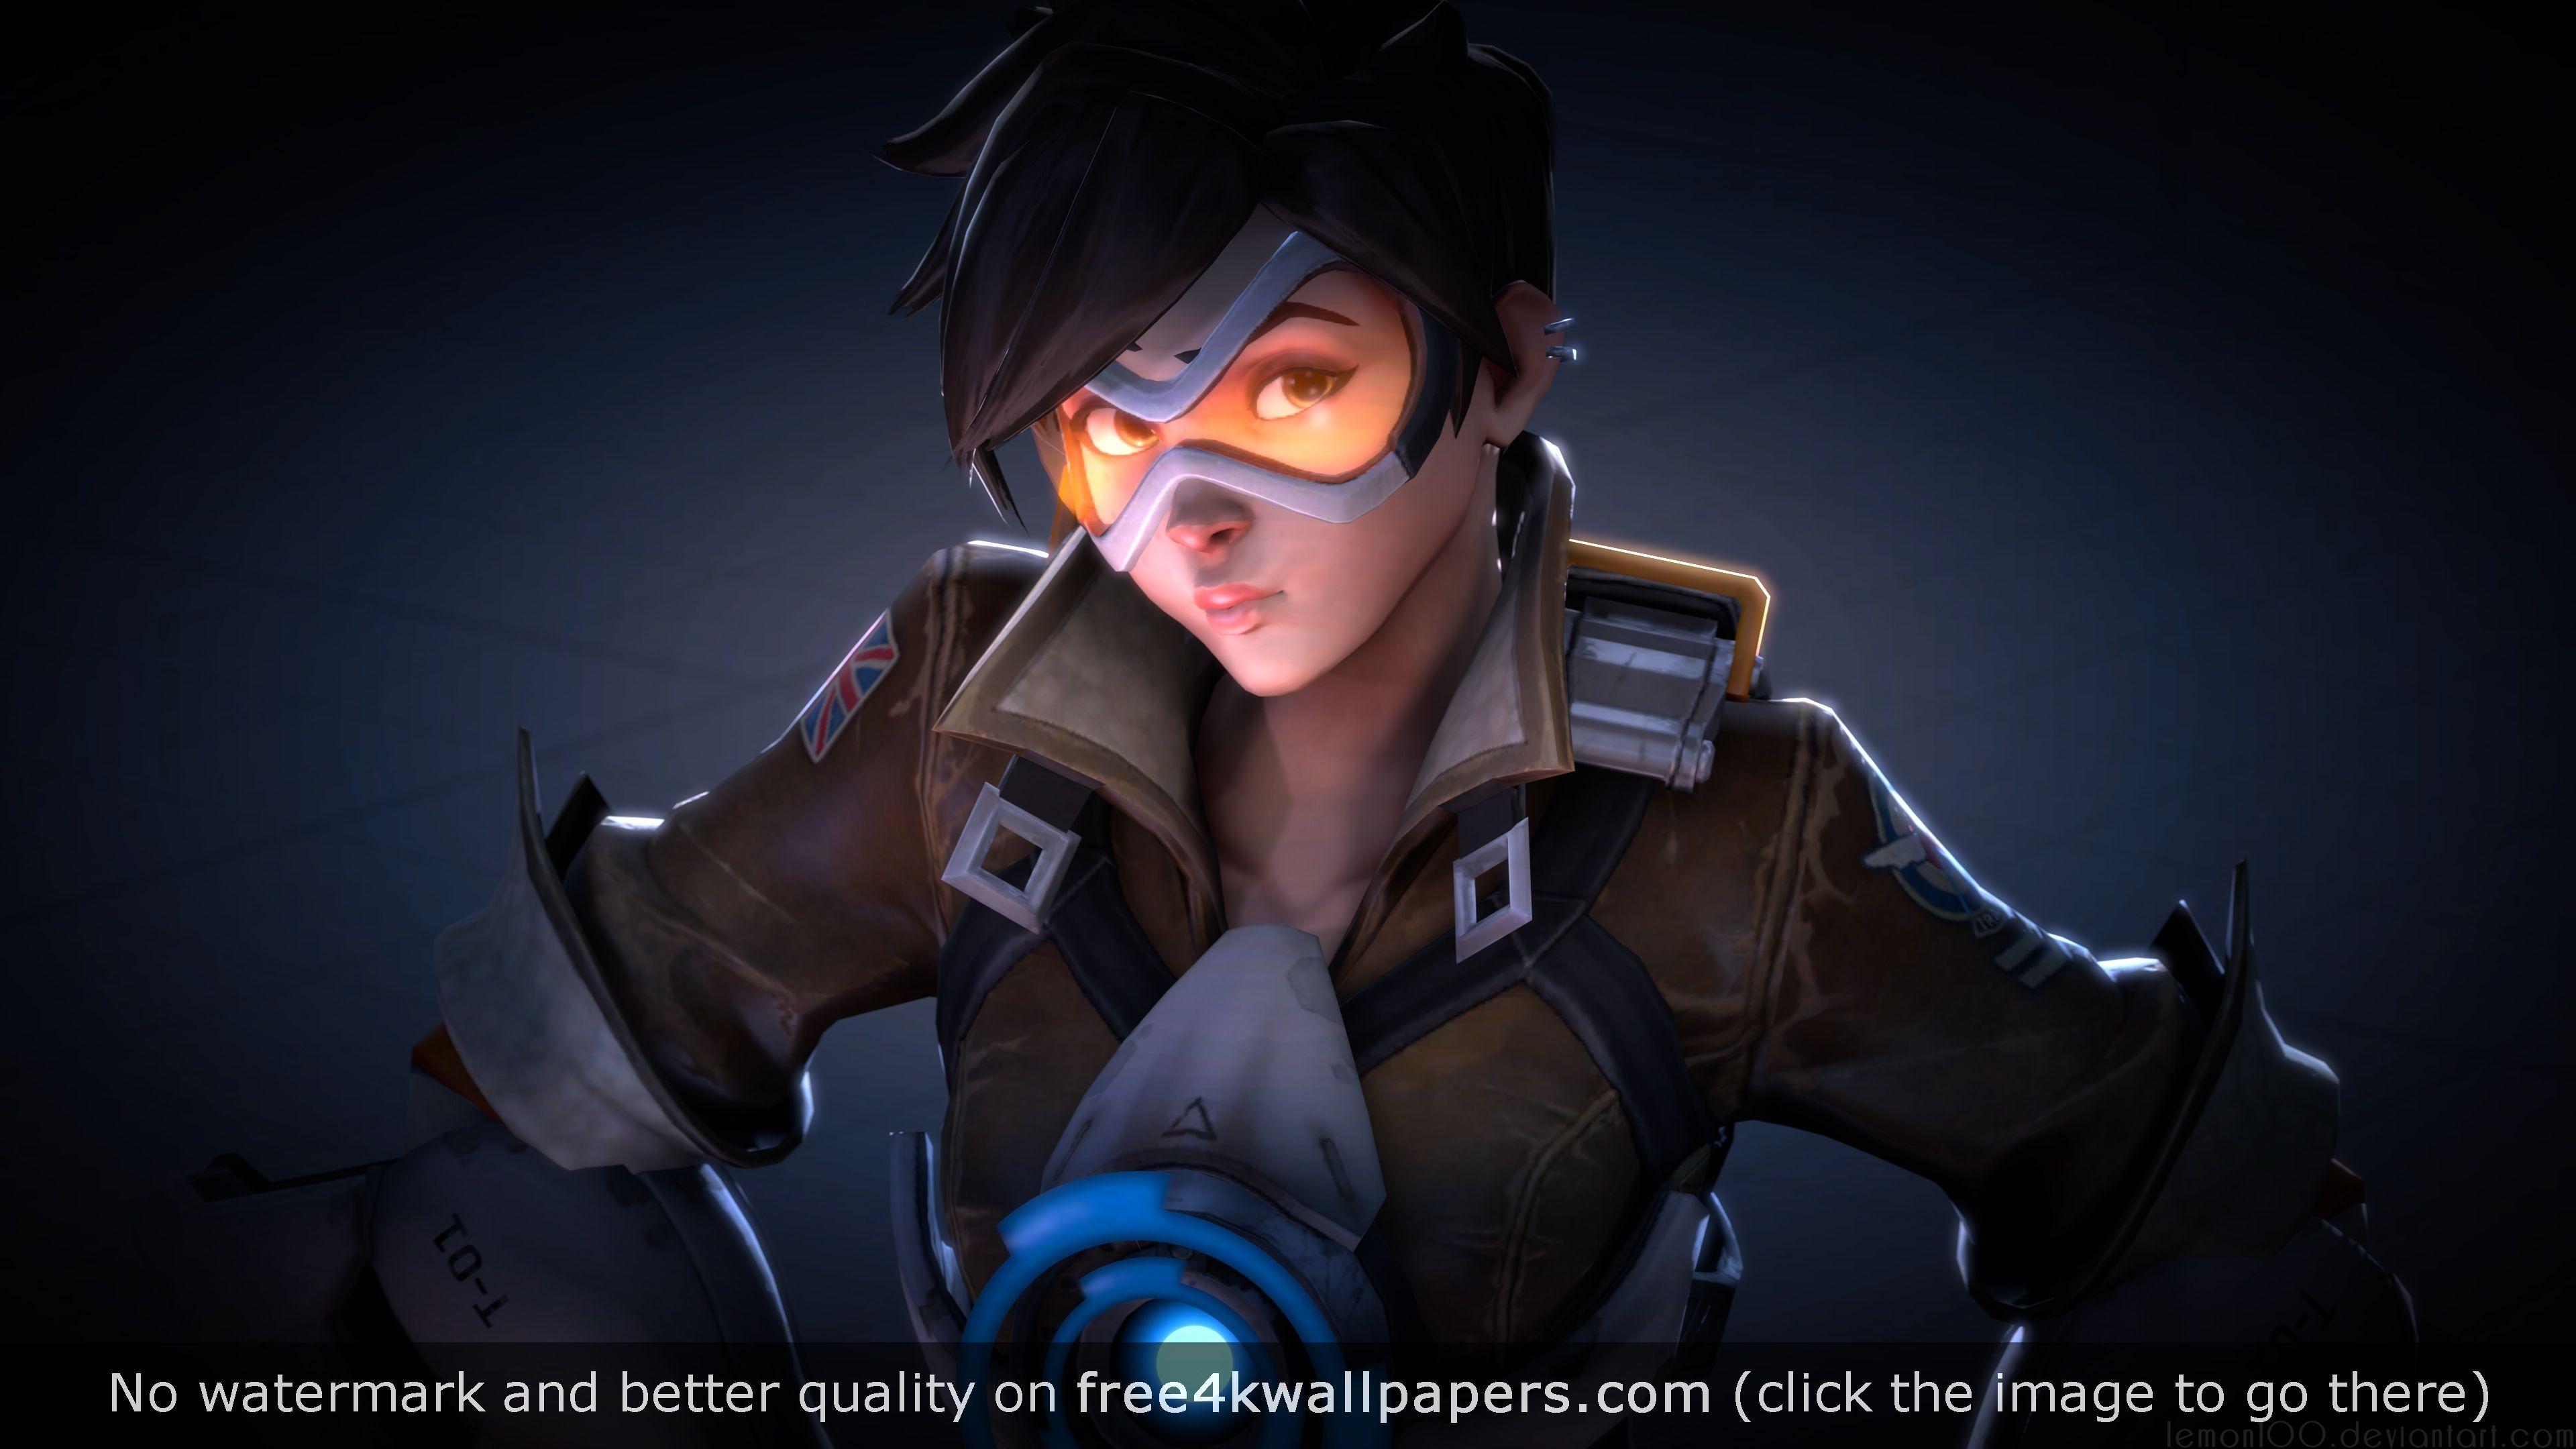 Tracer overwatch fan art 4k 3840 2160 - Overwatch wallpaper 4k ...